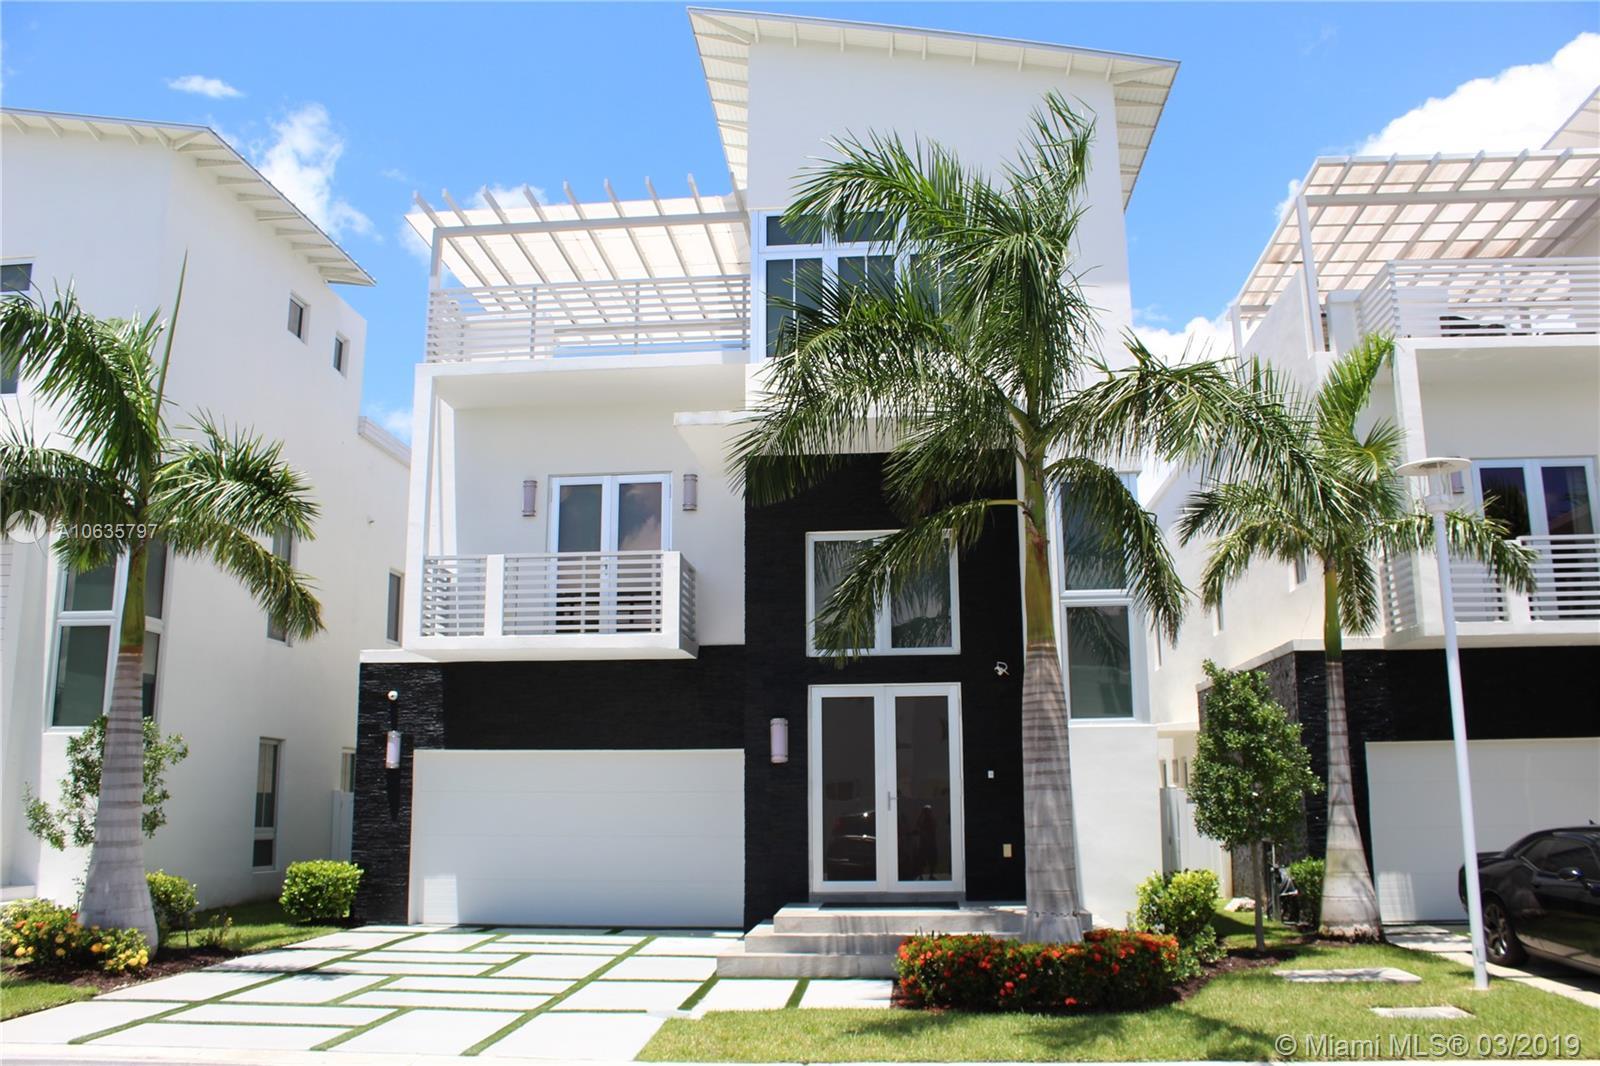 8435 NW 34th Dr, Miami, FL 33122